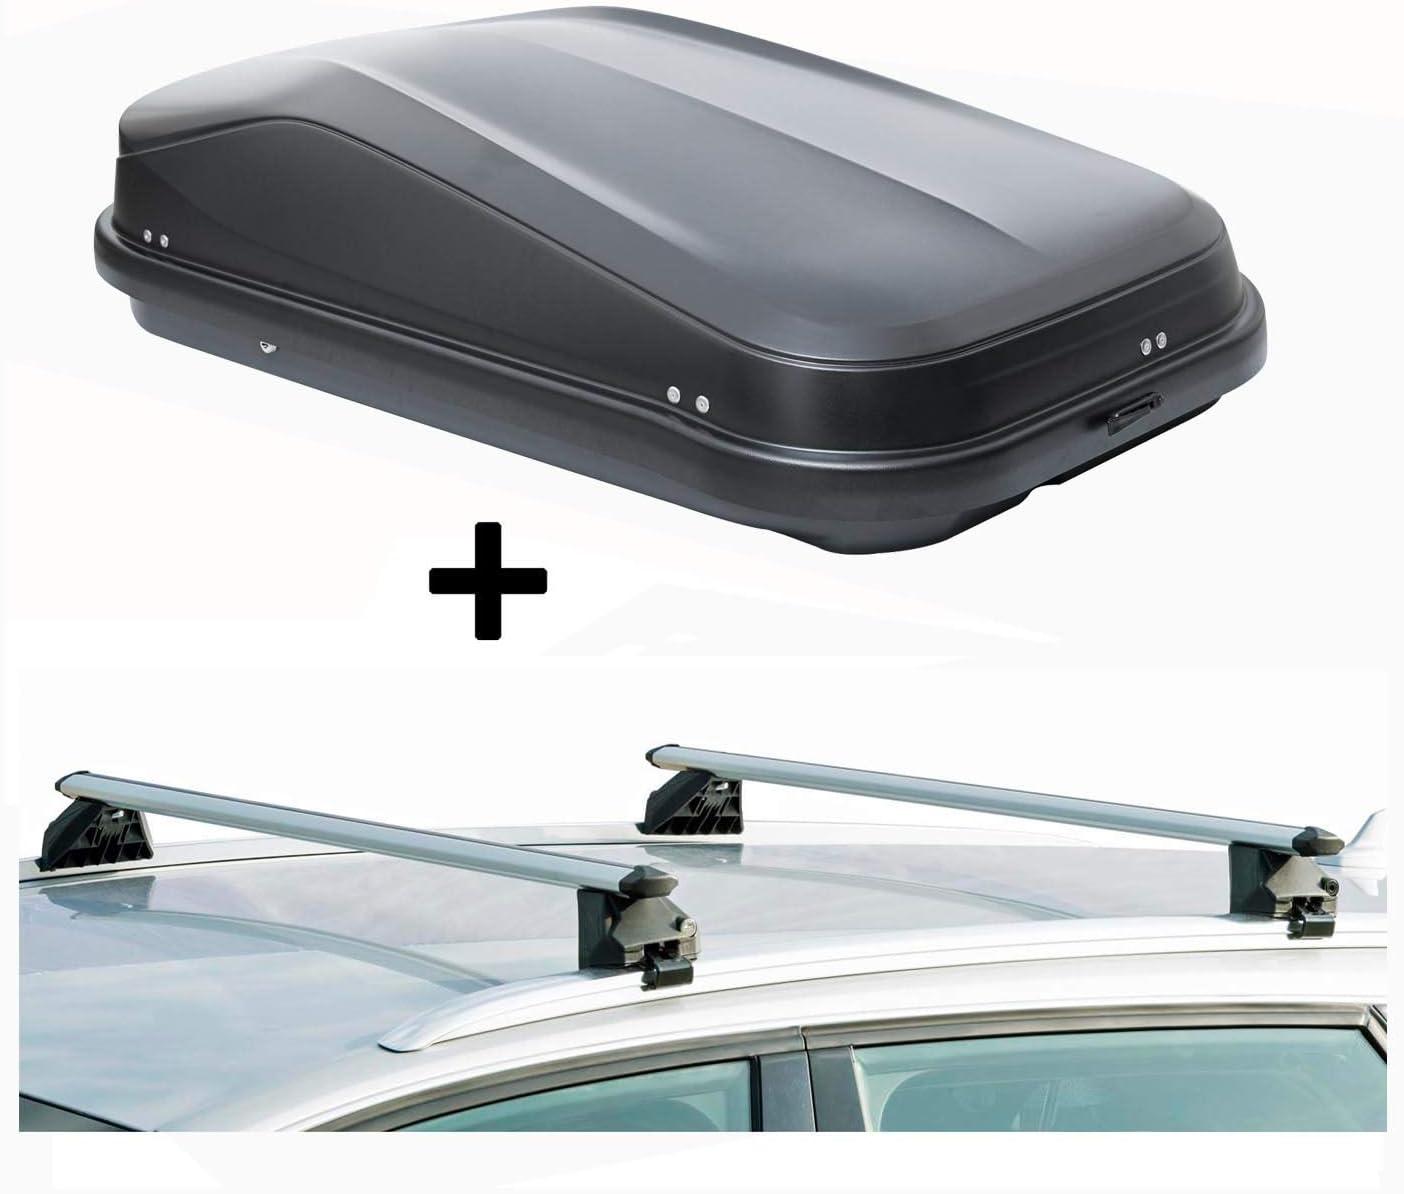 Dachtr/äger CRV107A kompatibel mit Volvo XC60 Dachbox JUEASY320 320Ltr schwarz gl/änzend abschlie/ßbar 5 T/ürer 2008-2017